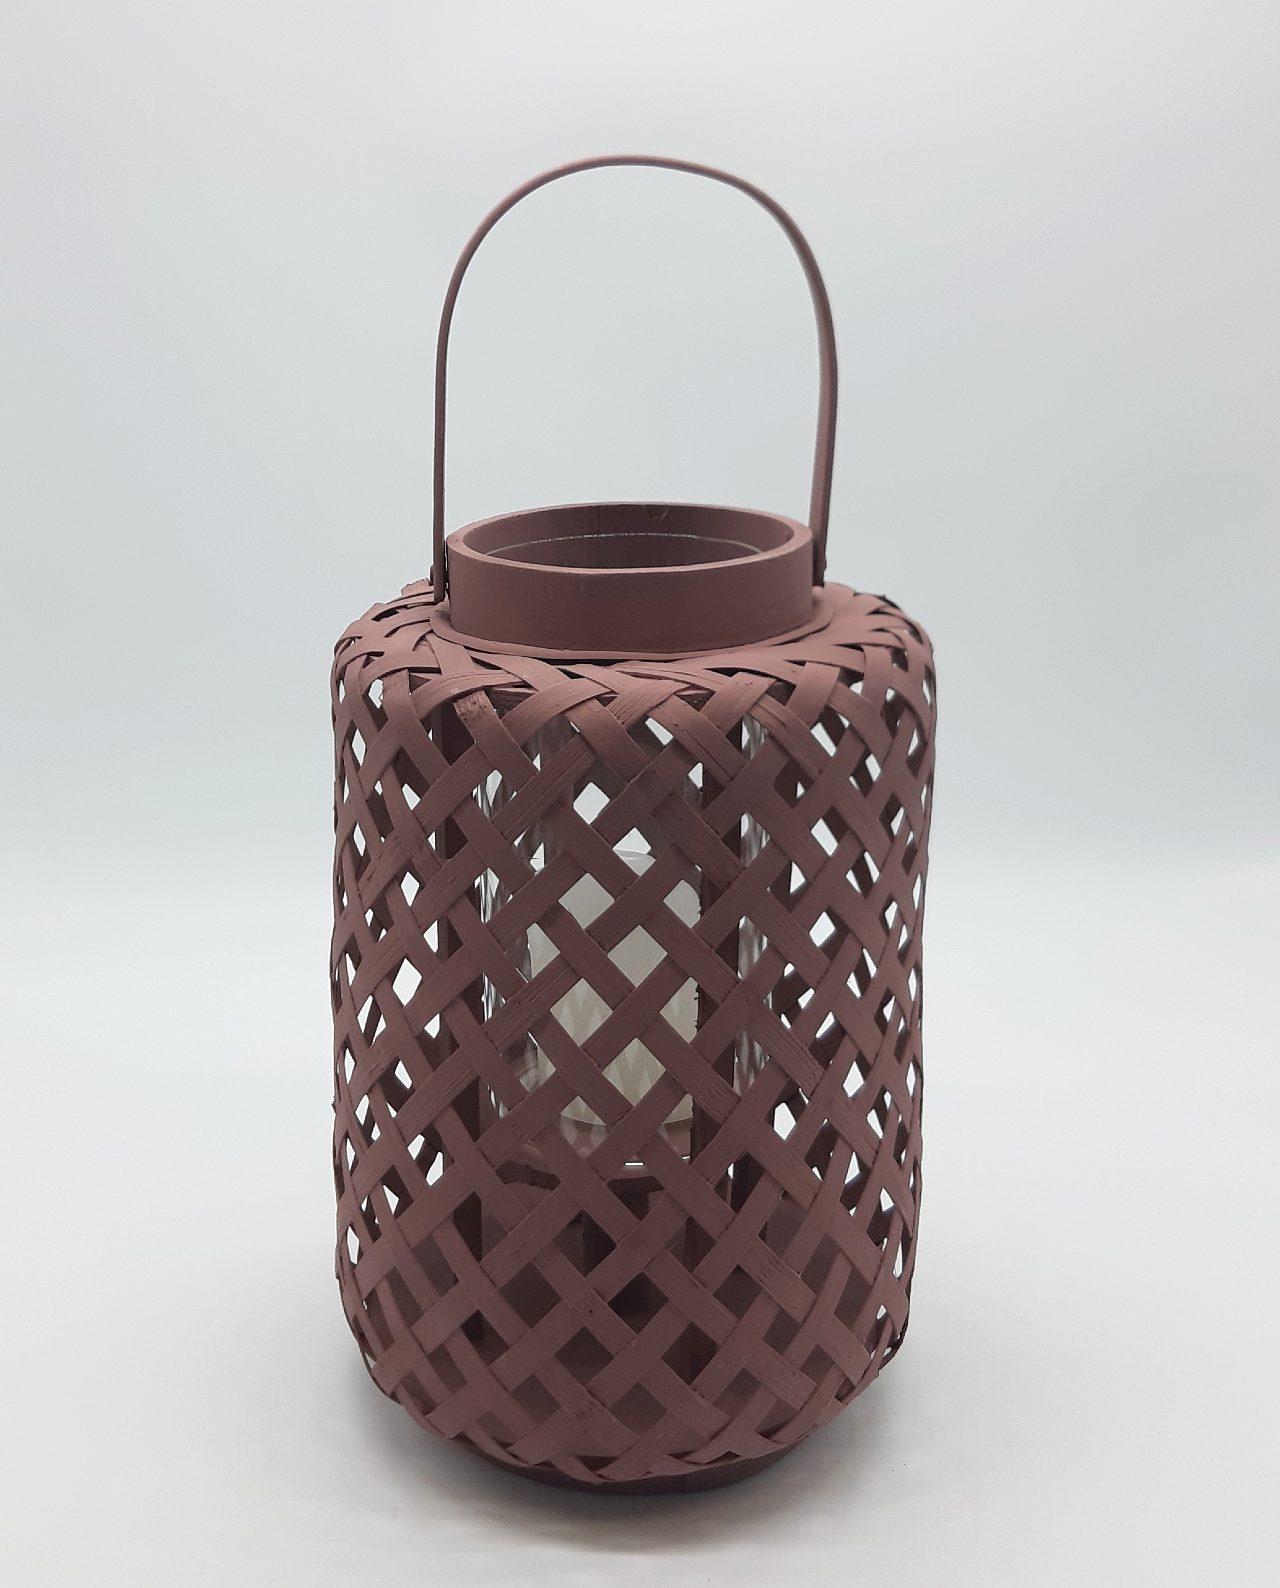 Φανάρι από μπαμπού με γυαλί, χρώμα παστελ σέπια. Διάσταση: ύψους 30 cm, διαμέτρου 21 cm